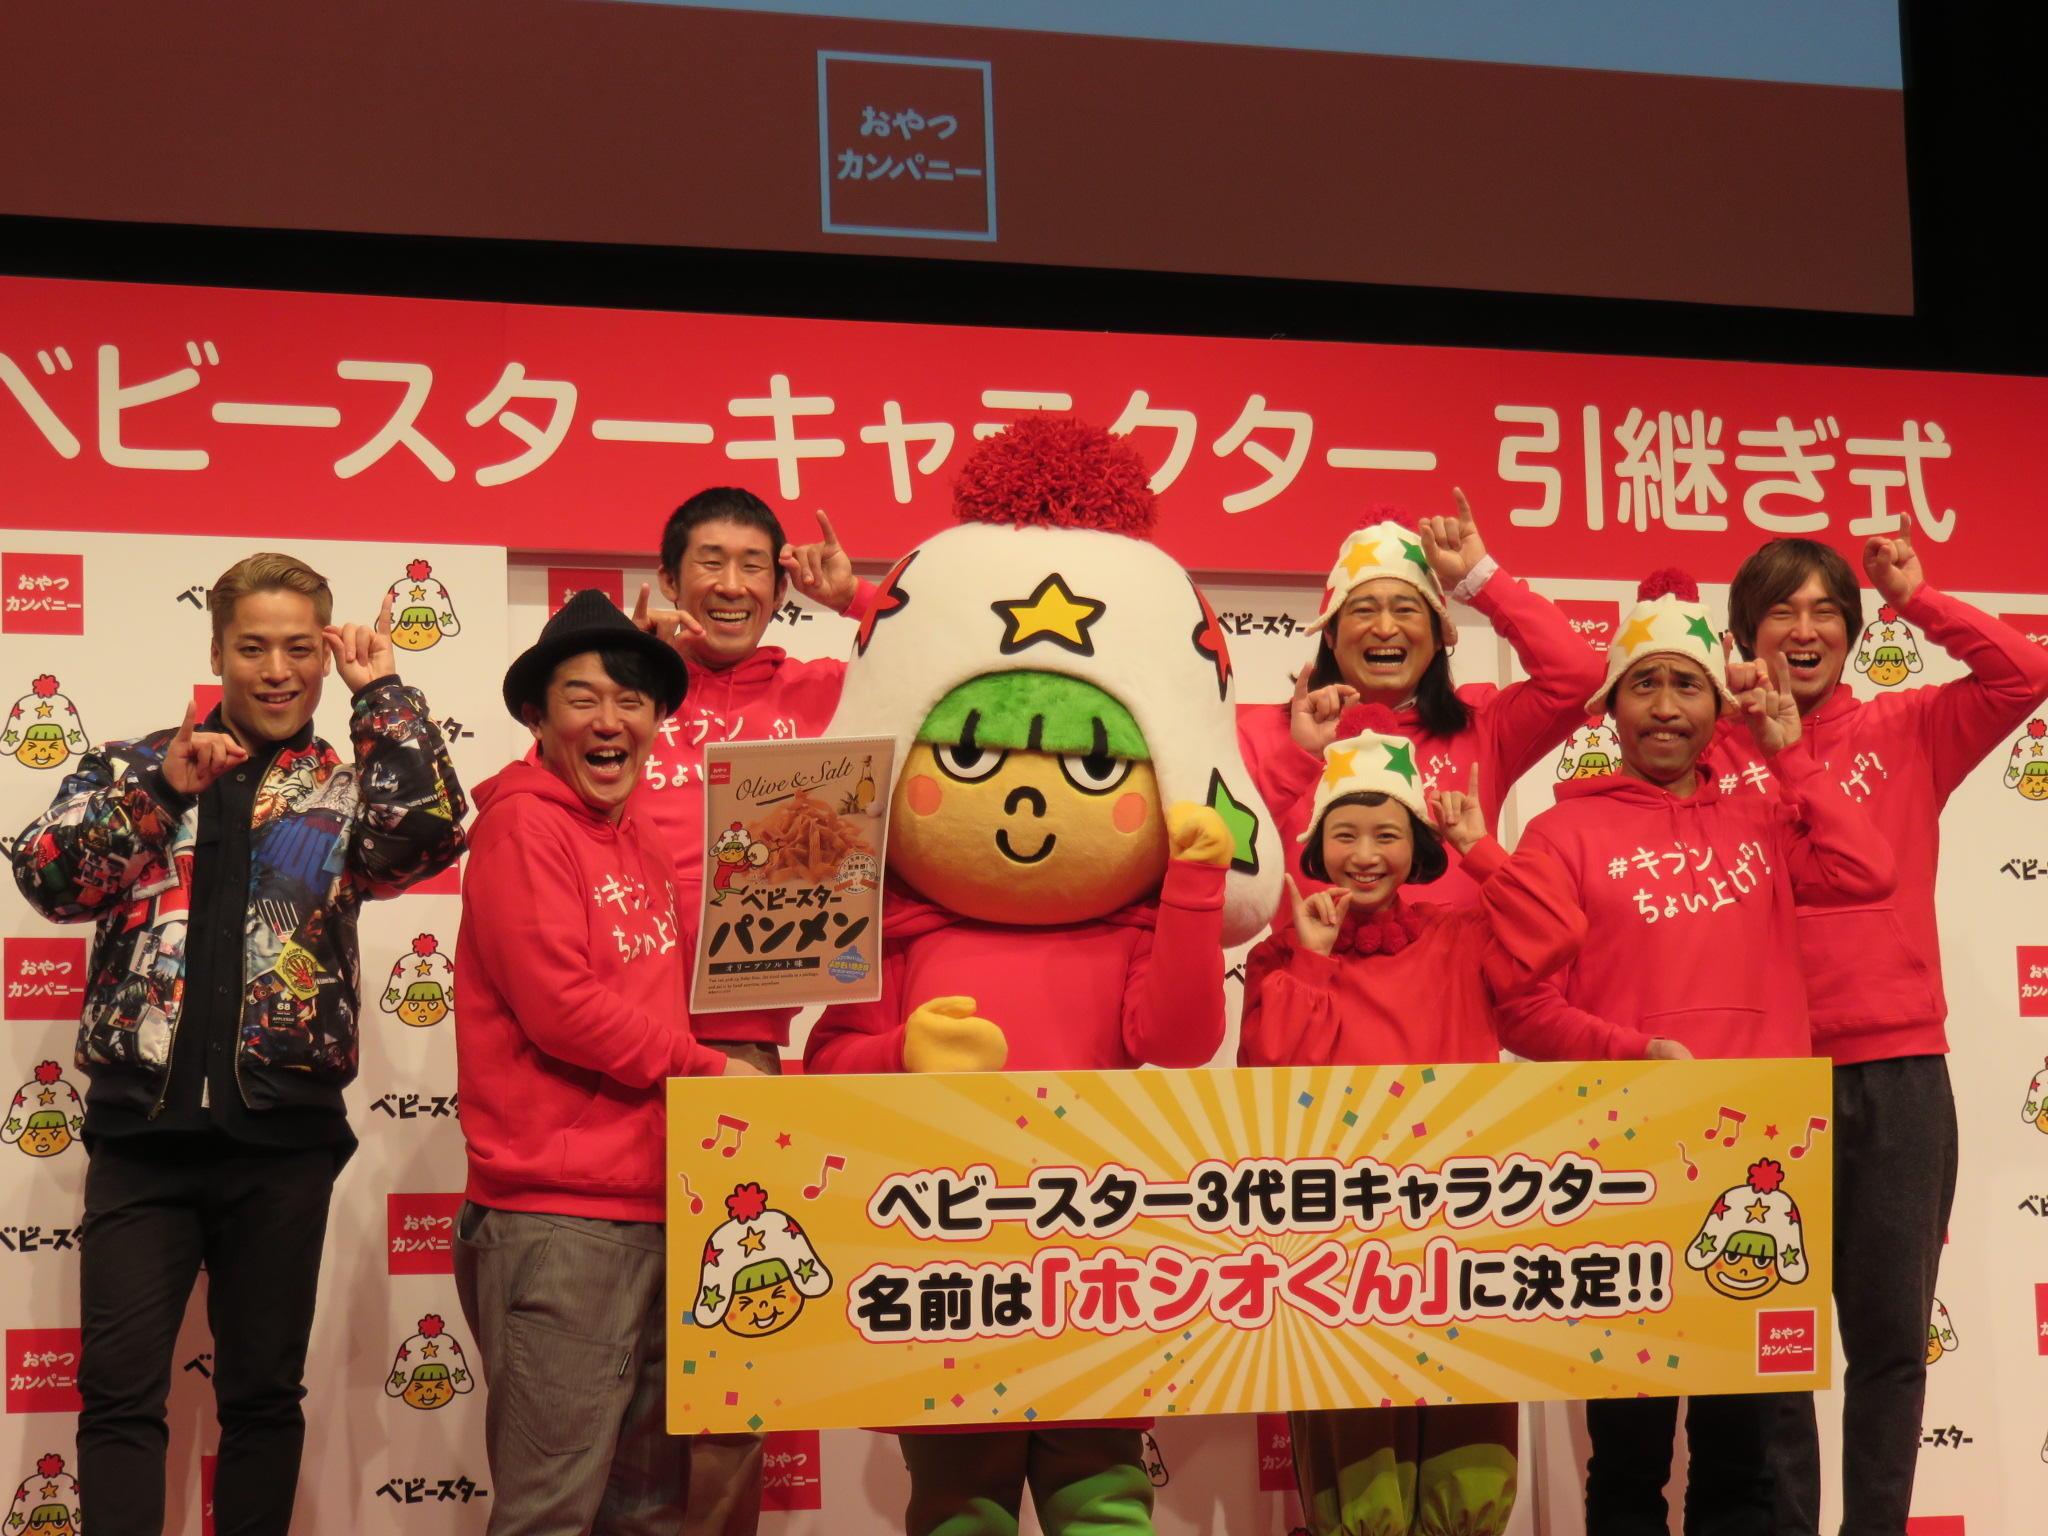 http://news.yoshimoto.co.jp/20170131193404-d64784a5435155bf68899885f0708c0b02edcfba.jpg